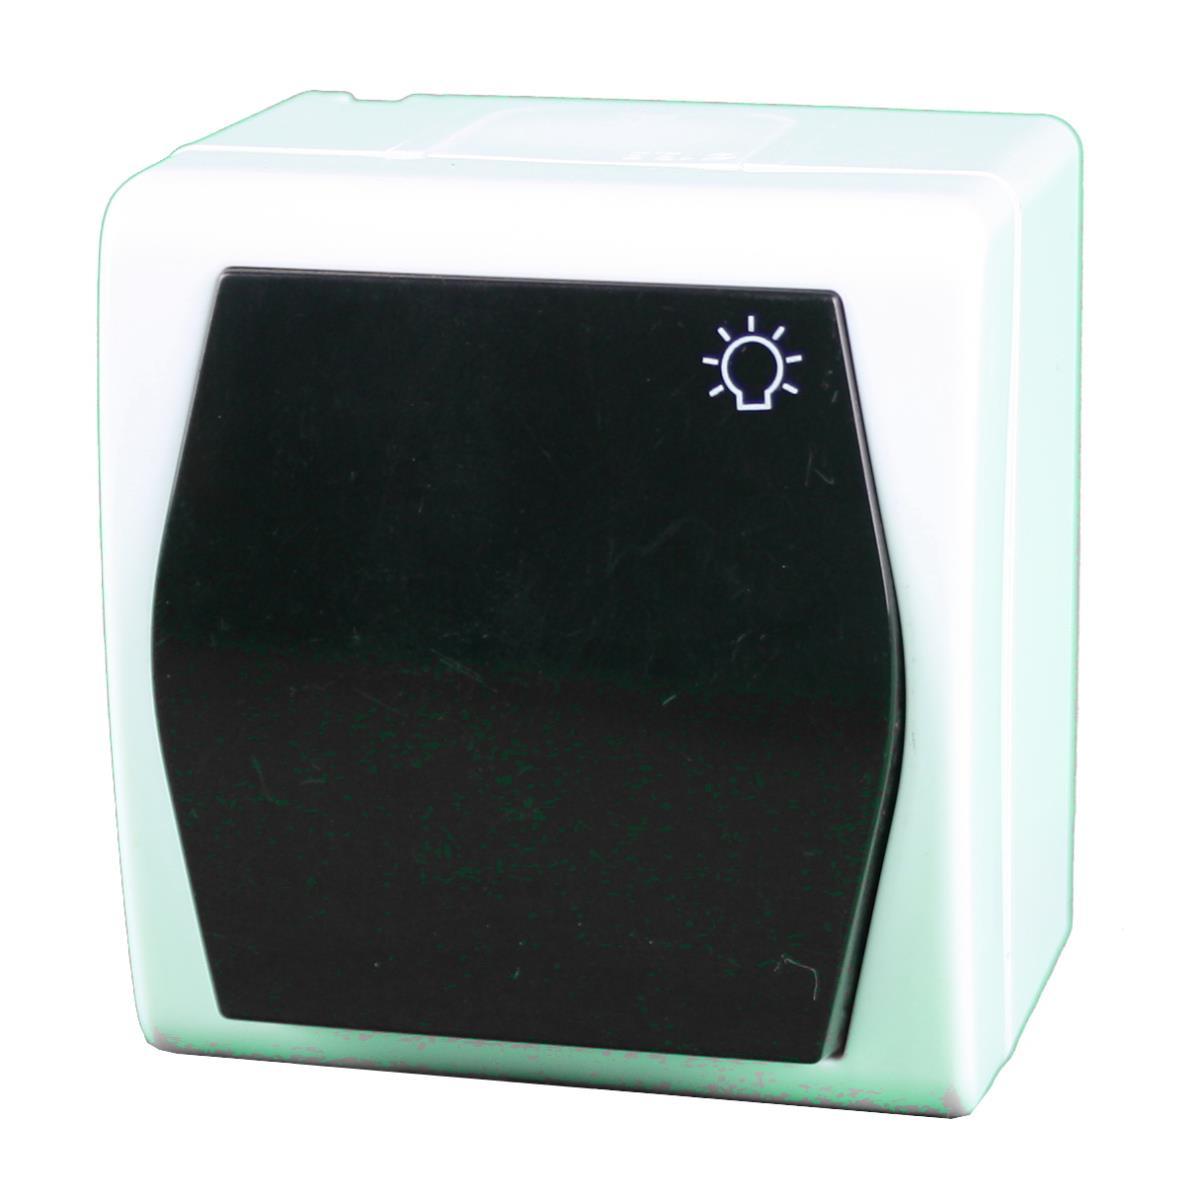 aufputz ap lichtschalter schuko steckdose zweifach dreifach ip44 farbe braun ebay. Black Bedroom Furniture Sets. Home Design Ideas